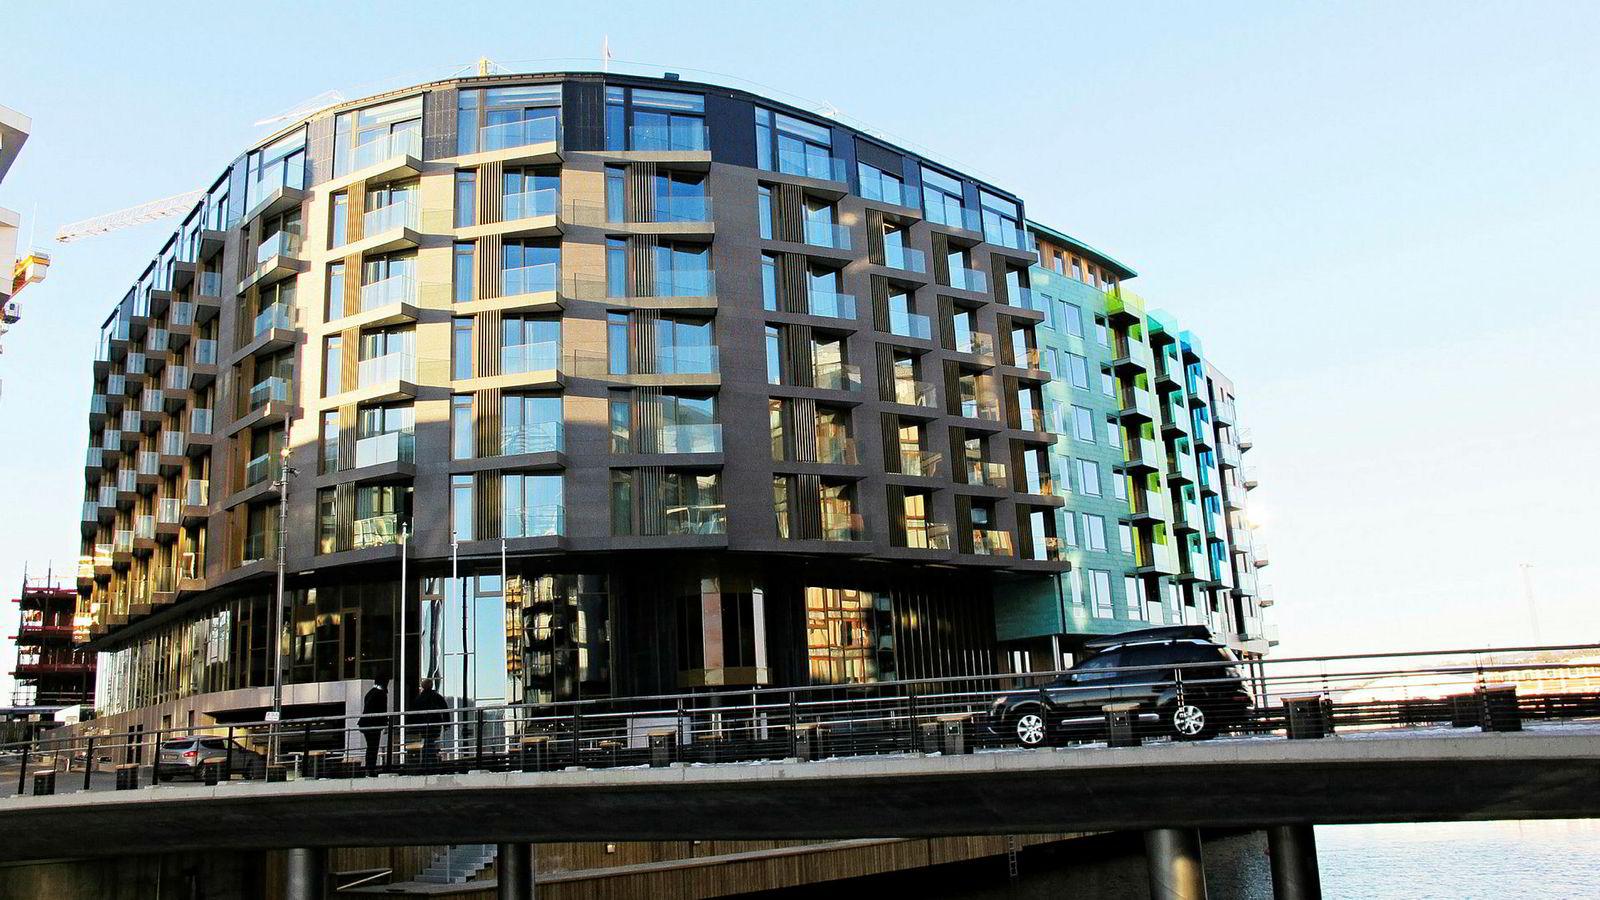 Luksushotellet The Thief på Tjuvholmen i Oslo gikk med et lite overskudd i fjor.